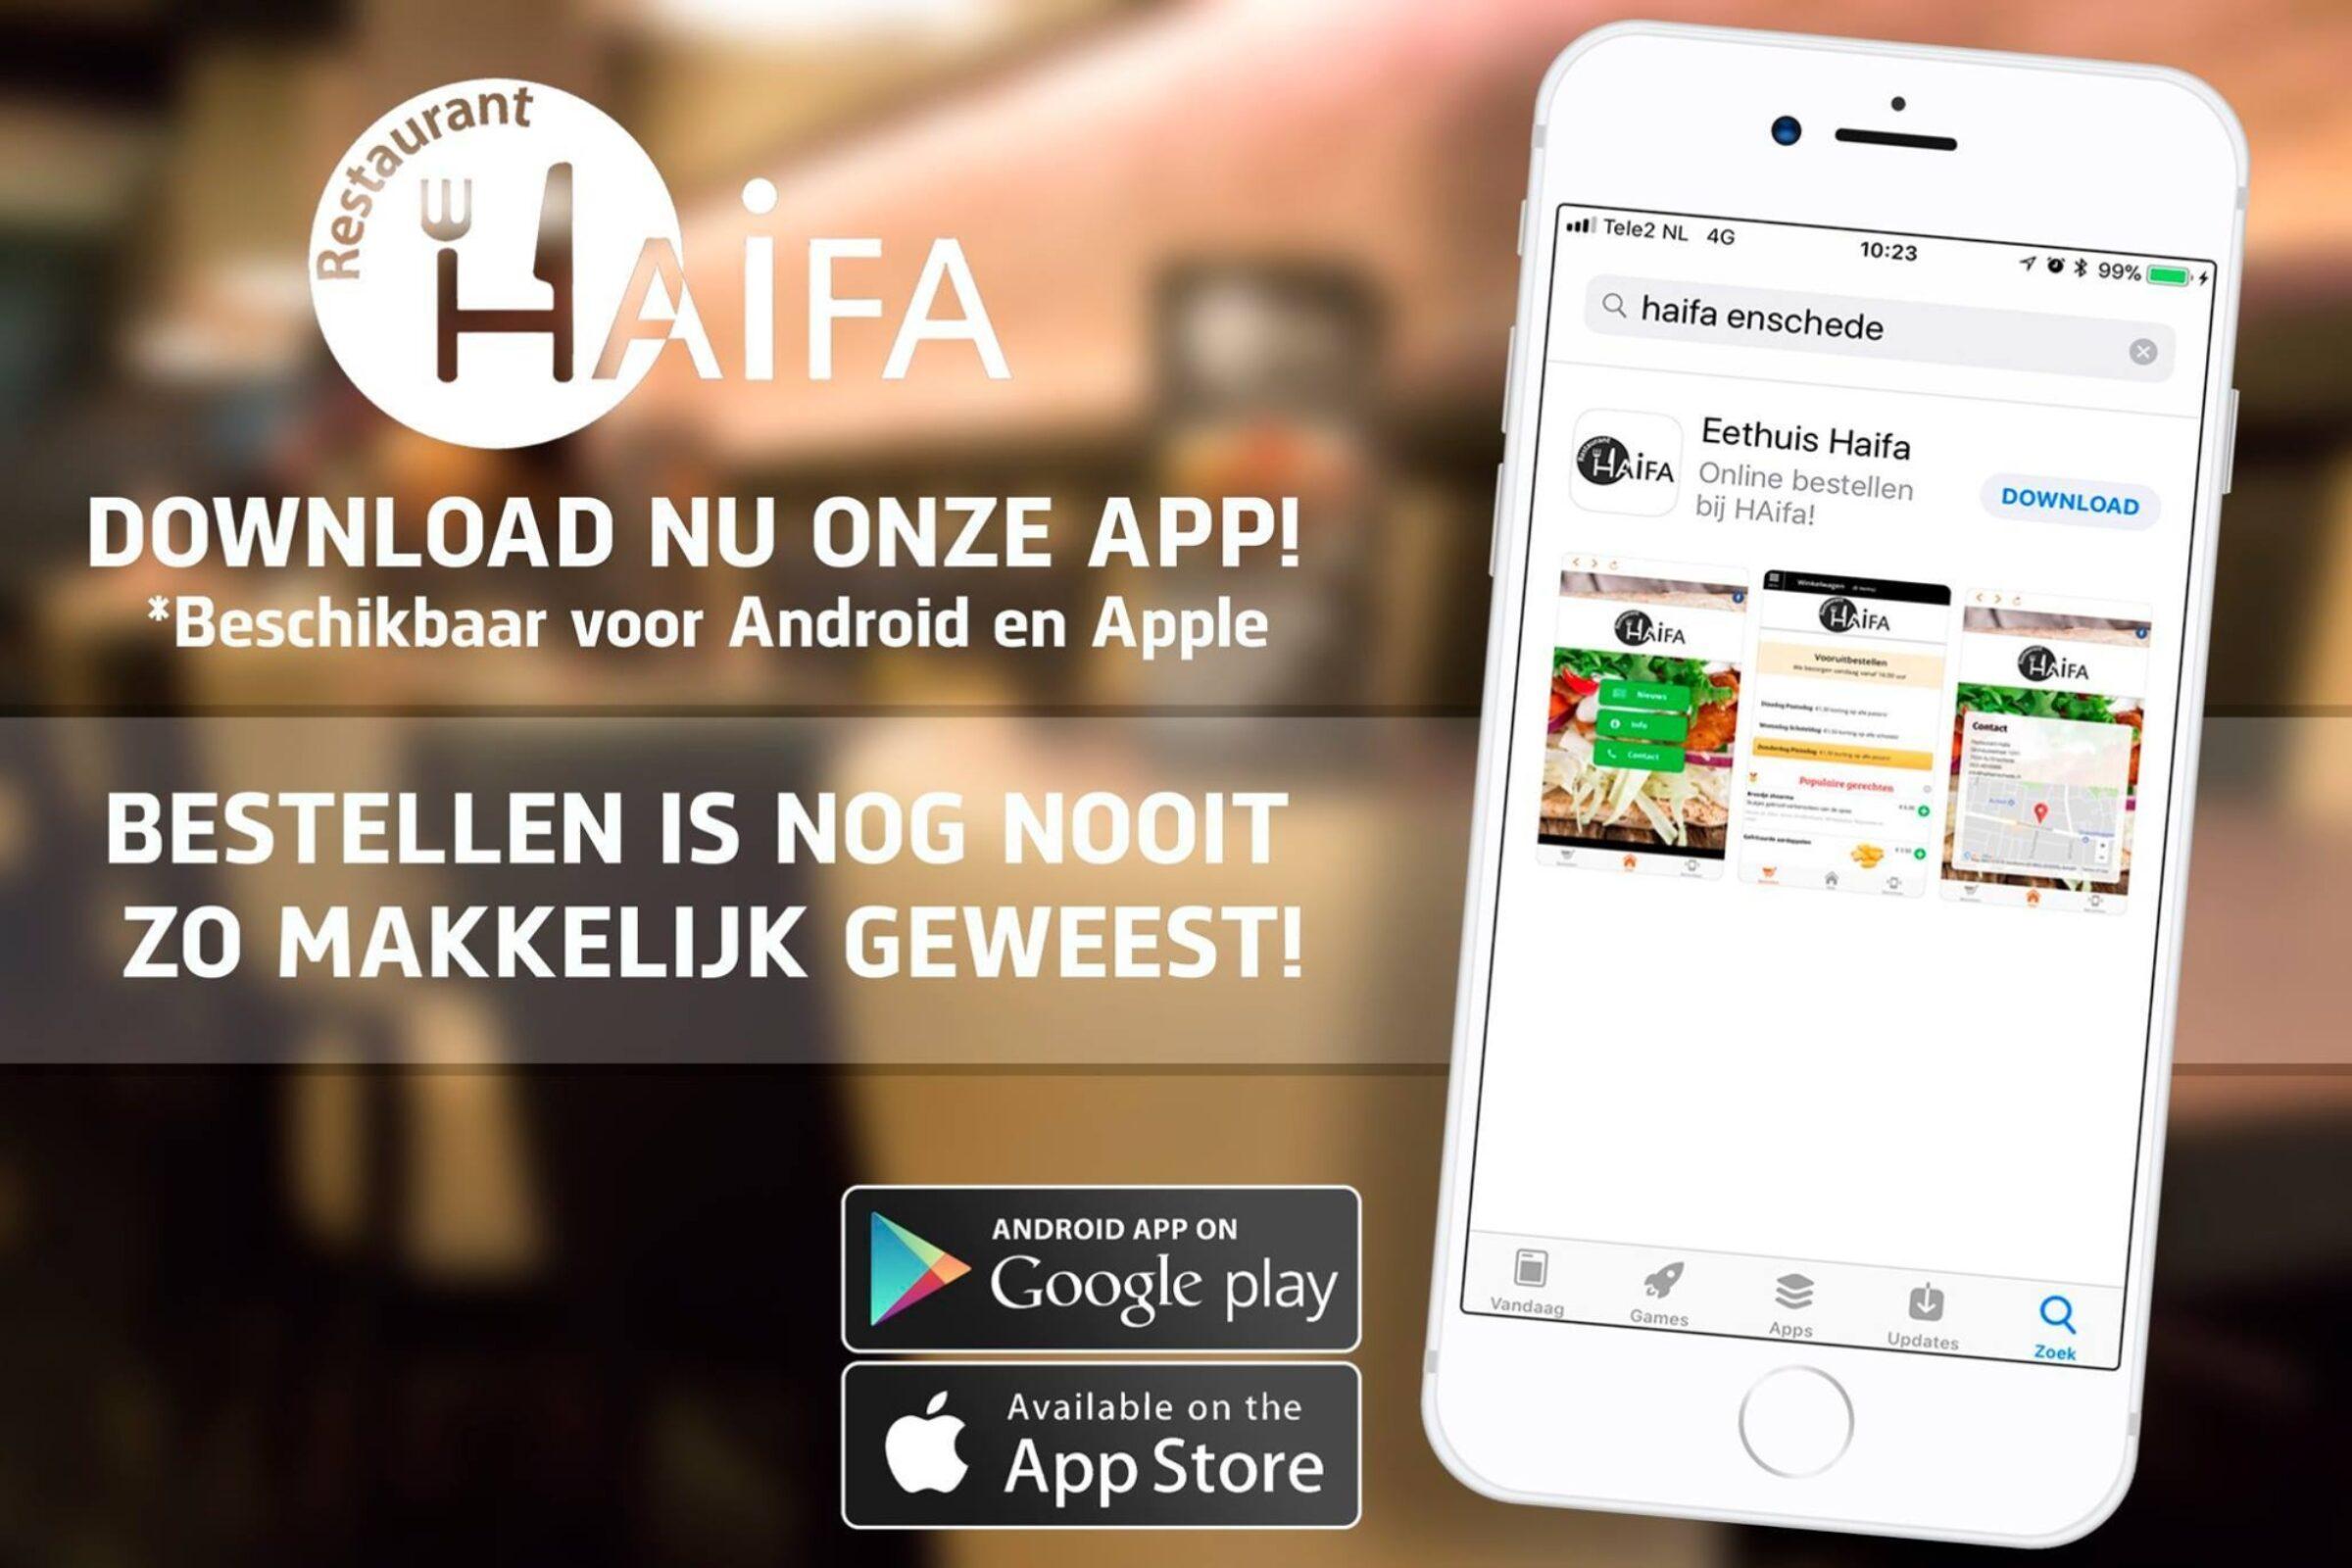 Haifa foto app